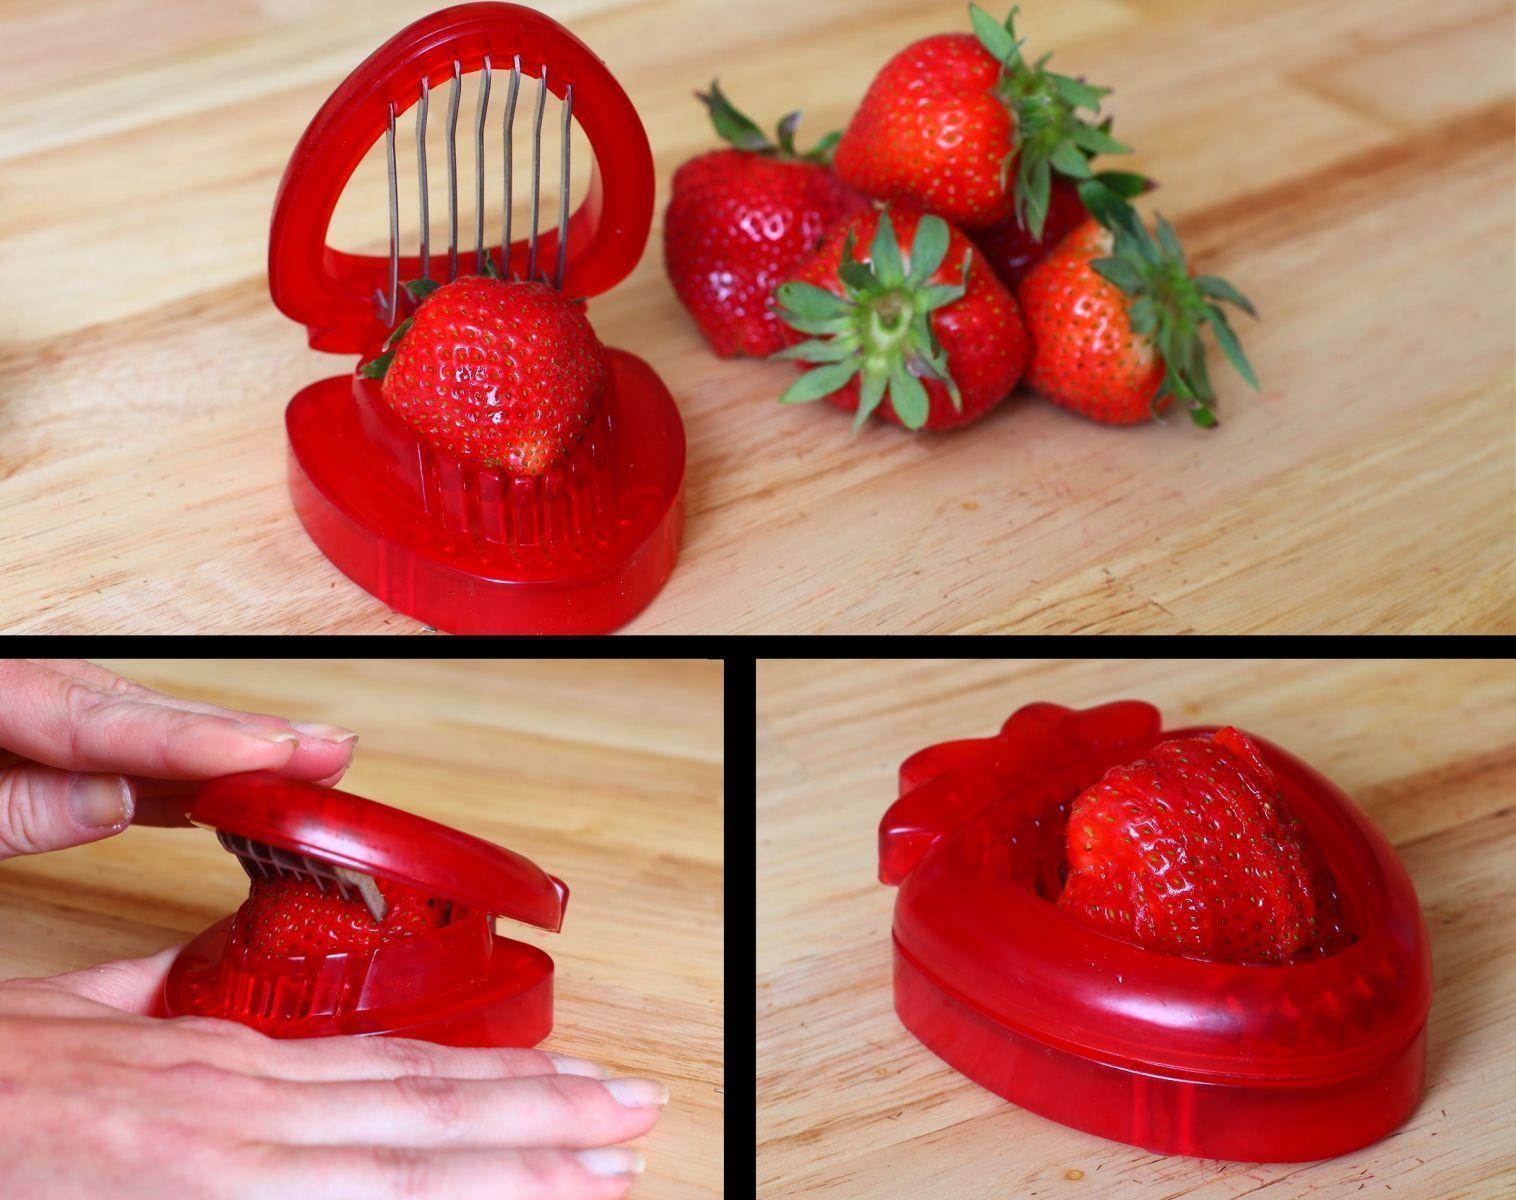 Utens lios criativos para a cozinha como fazer de tudo for Utensilios para servir comida